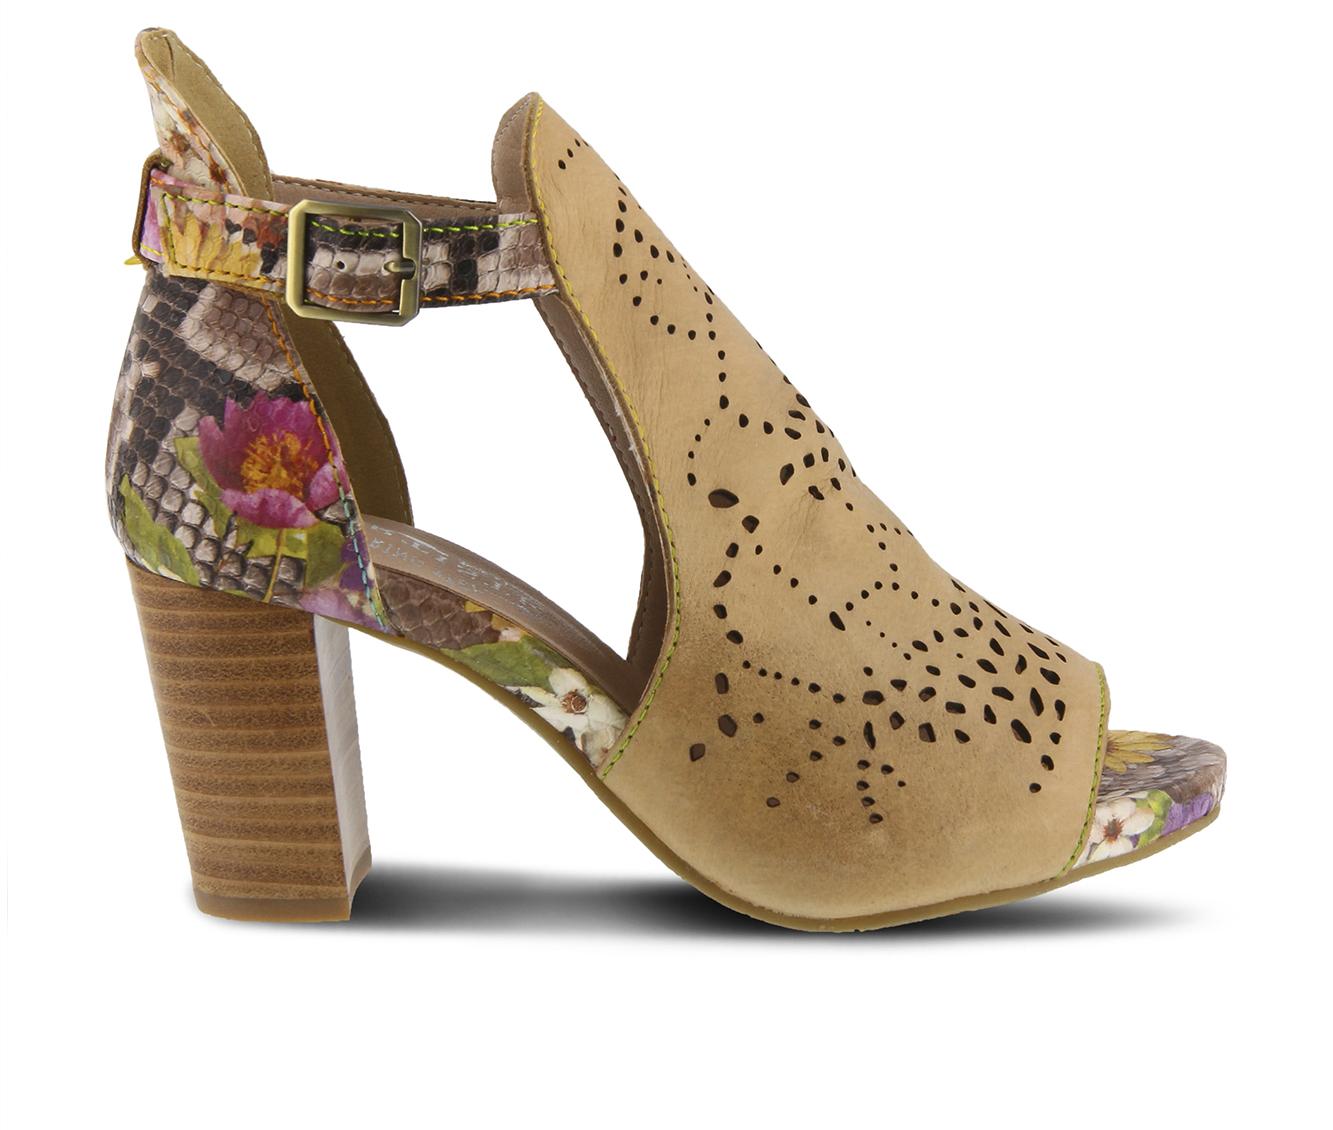 L'Artiste Lashonie Women's Dress Shoe (Beige Leather)